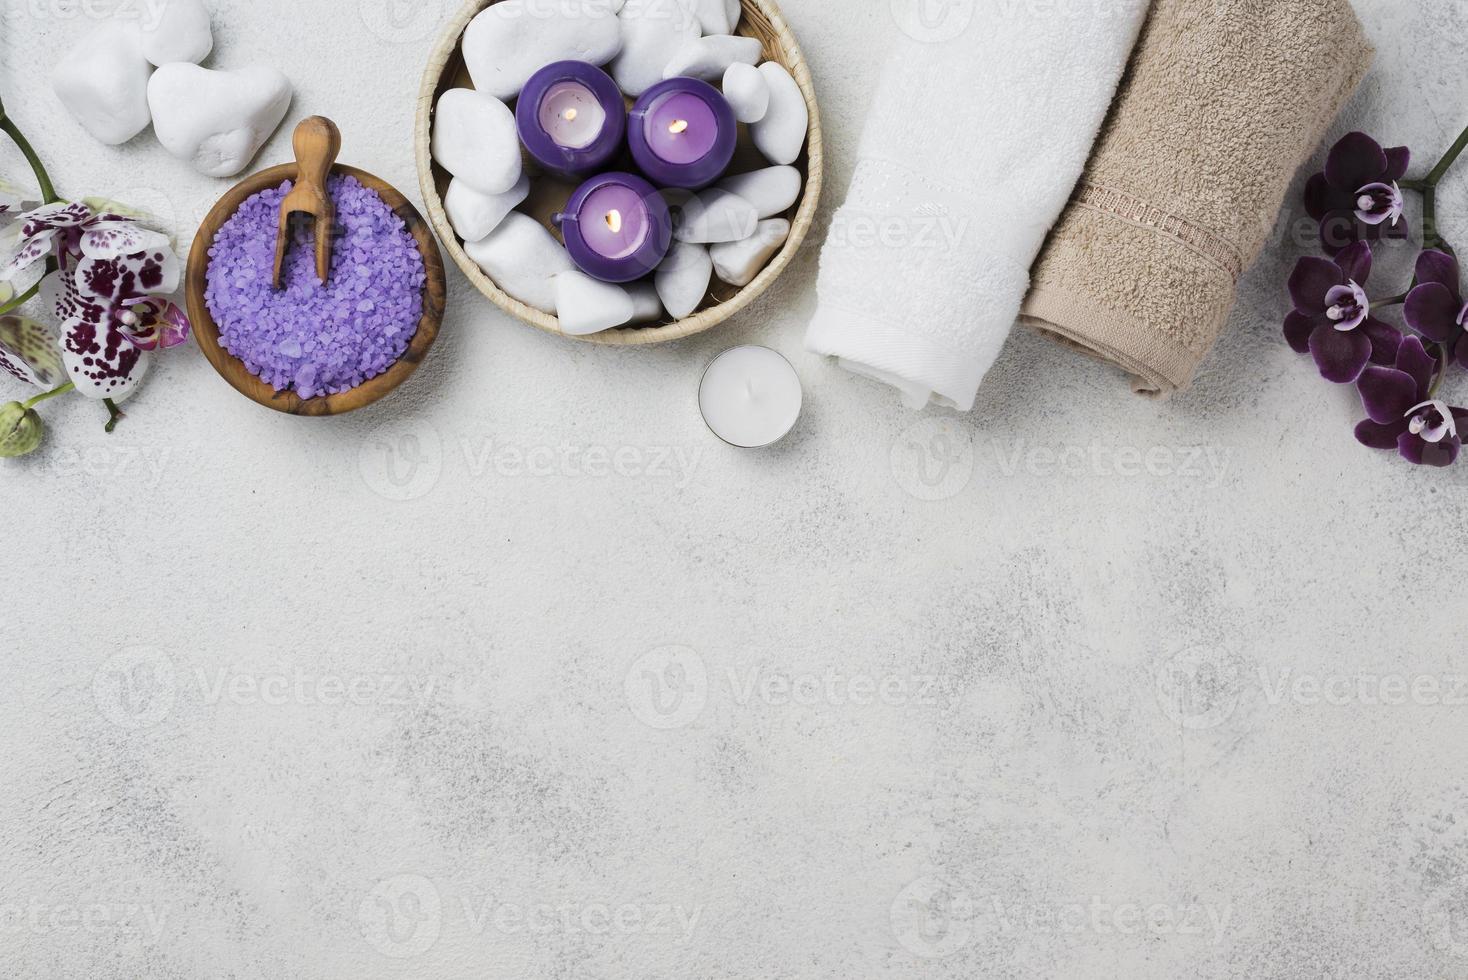 spa-handdoeken, kaarsen met kopieerruimte foto